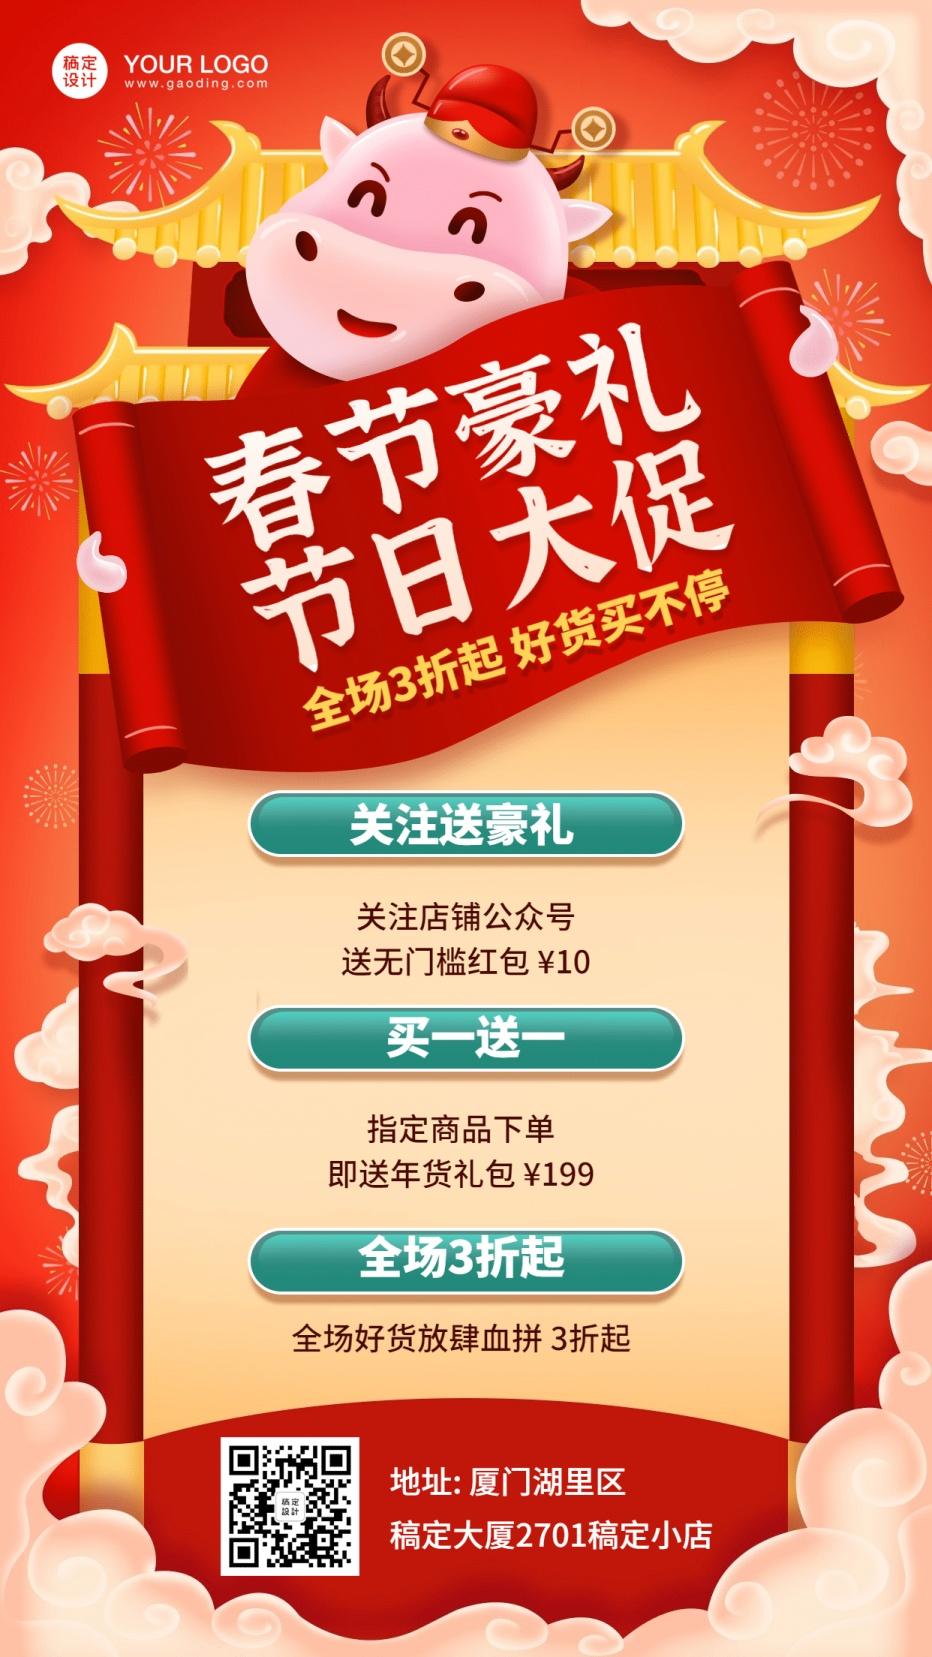 牛年春节活动营销手机海报